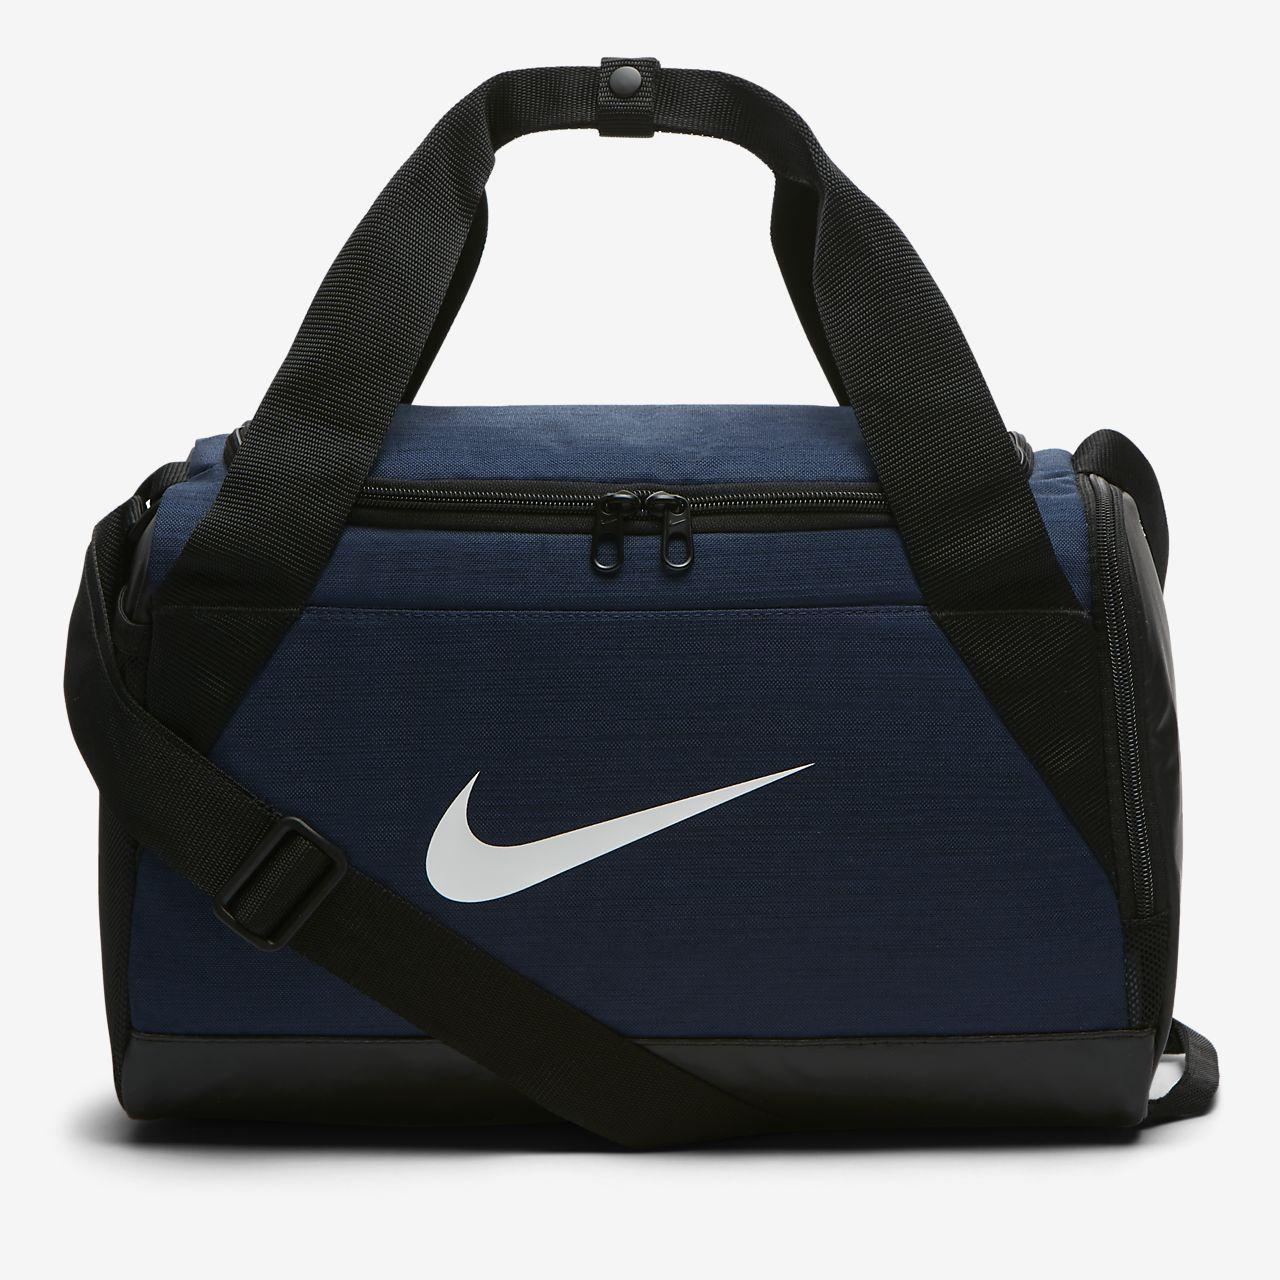 ea60c5e792e0 Nike Brasilia (Extra Small) Training Duffel Bag. Nike.com NO